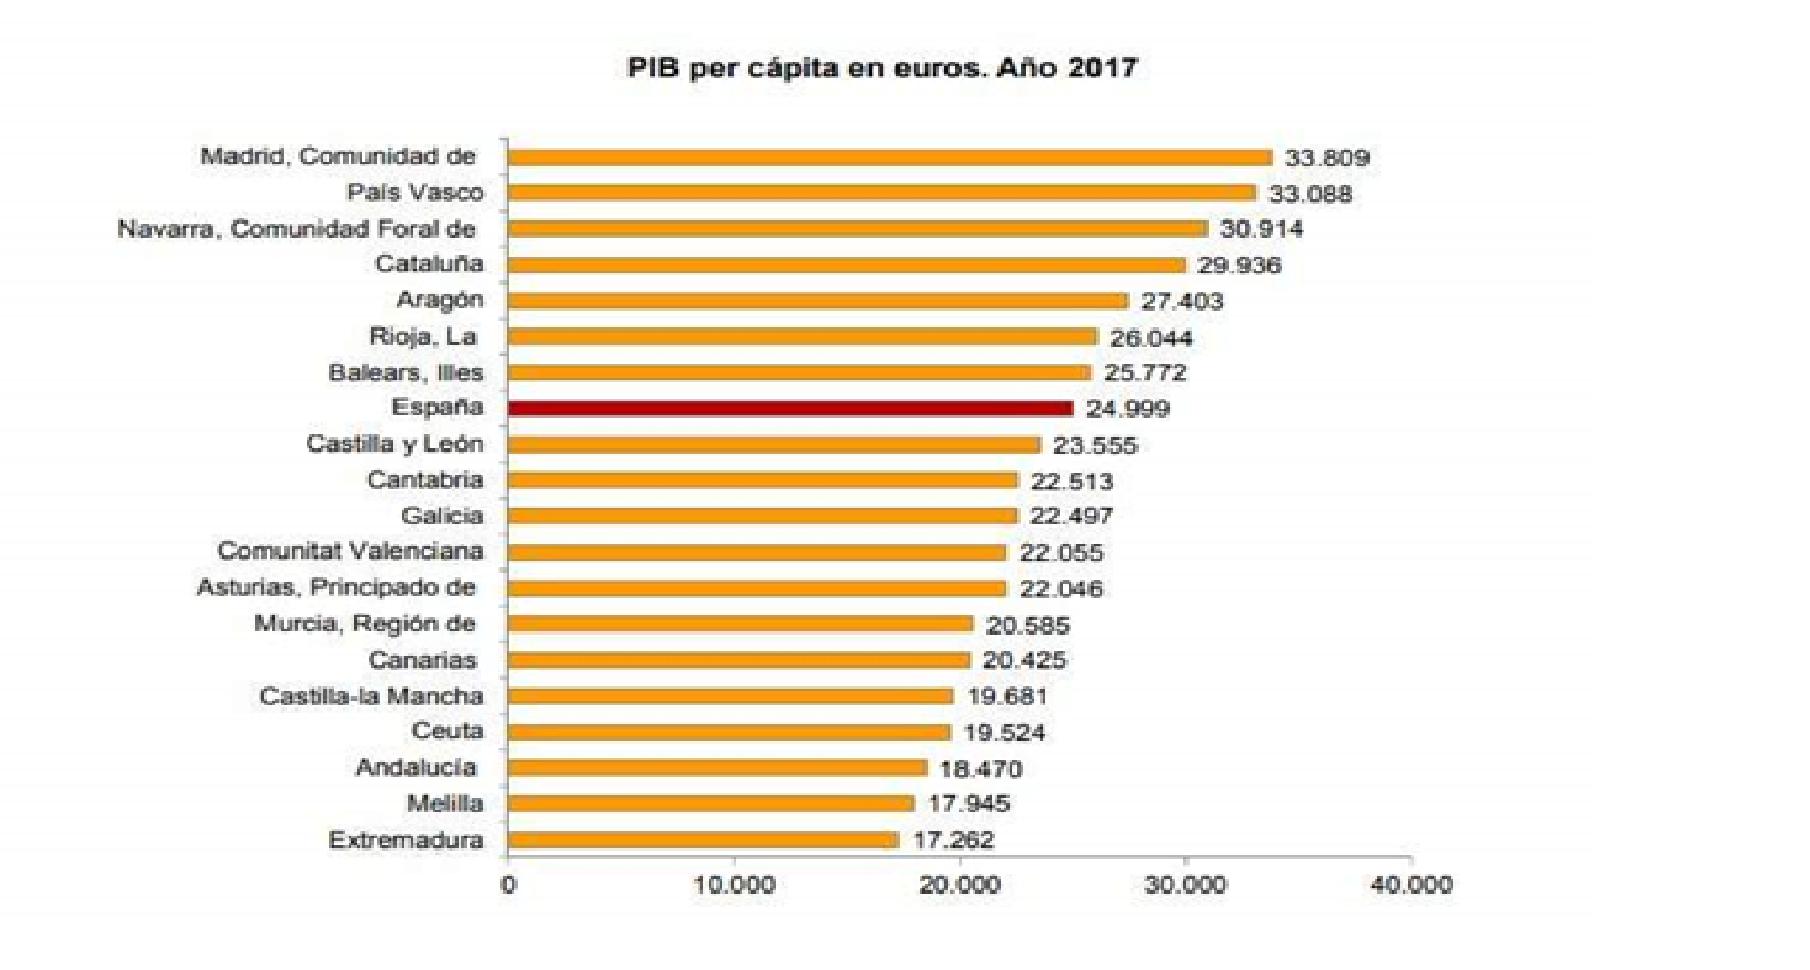 Comparativa del PIB por cápita